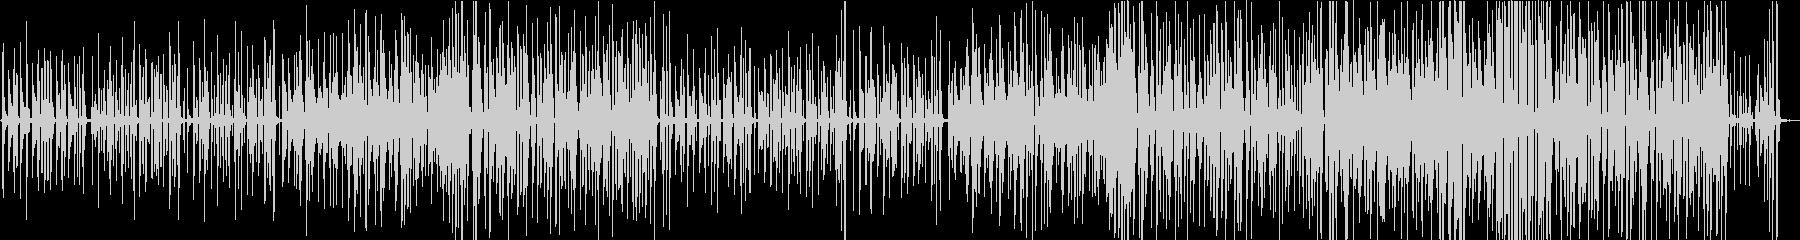 ほのぼのしたピアノトリオの未再生の波形